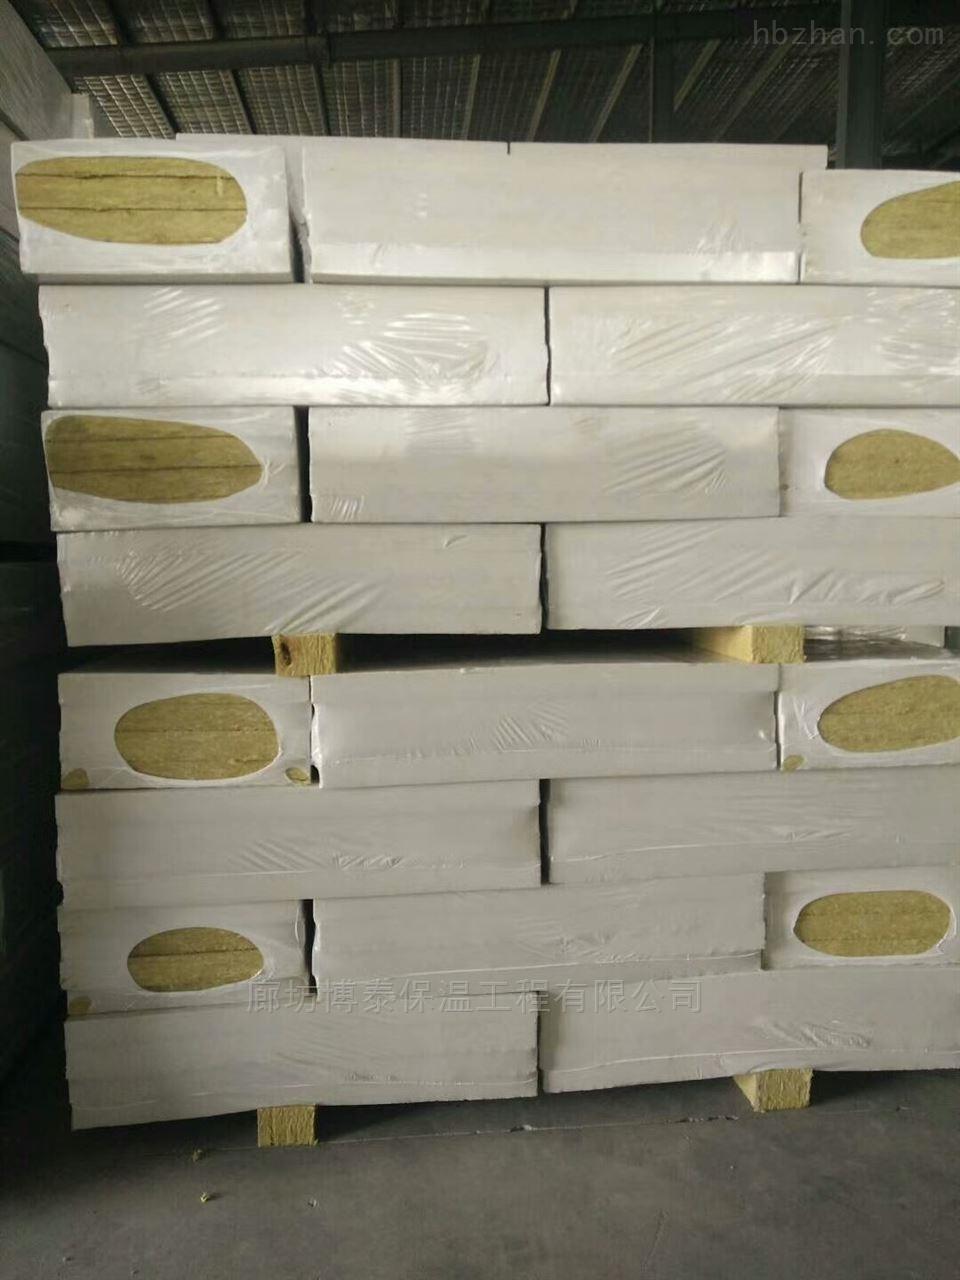 天津博泰防火外墙保温岩棉板